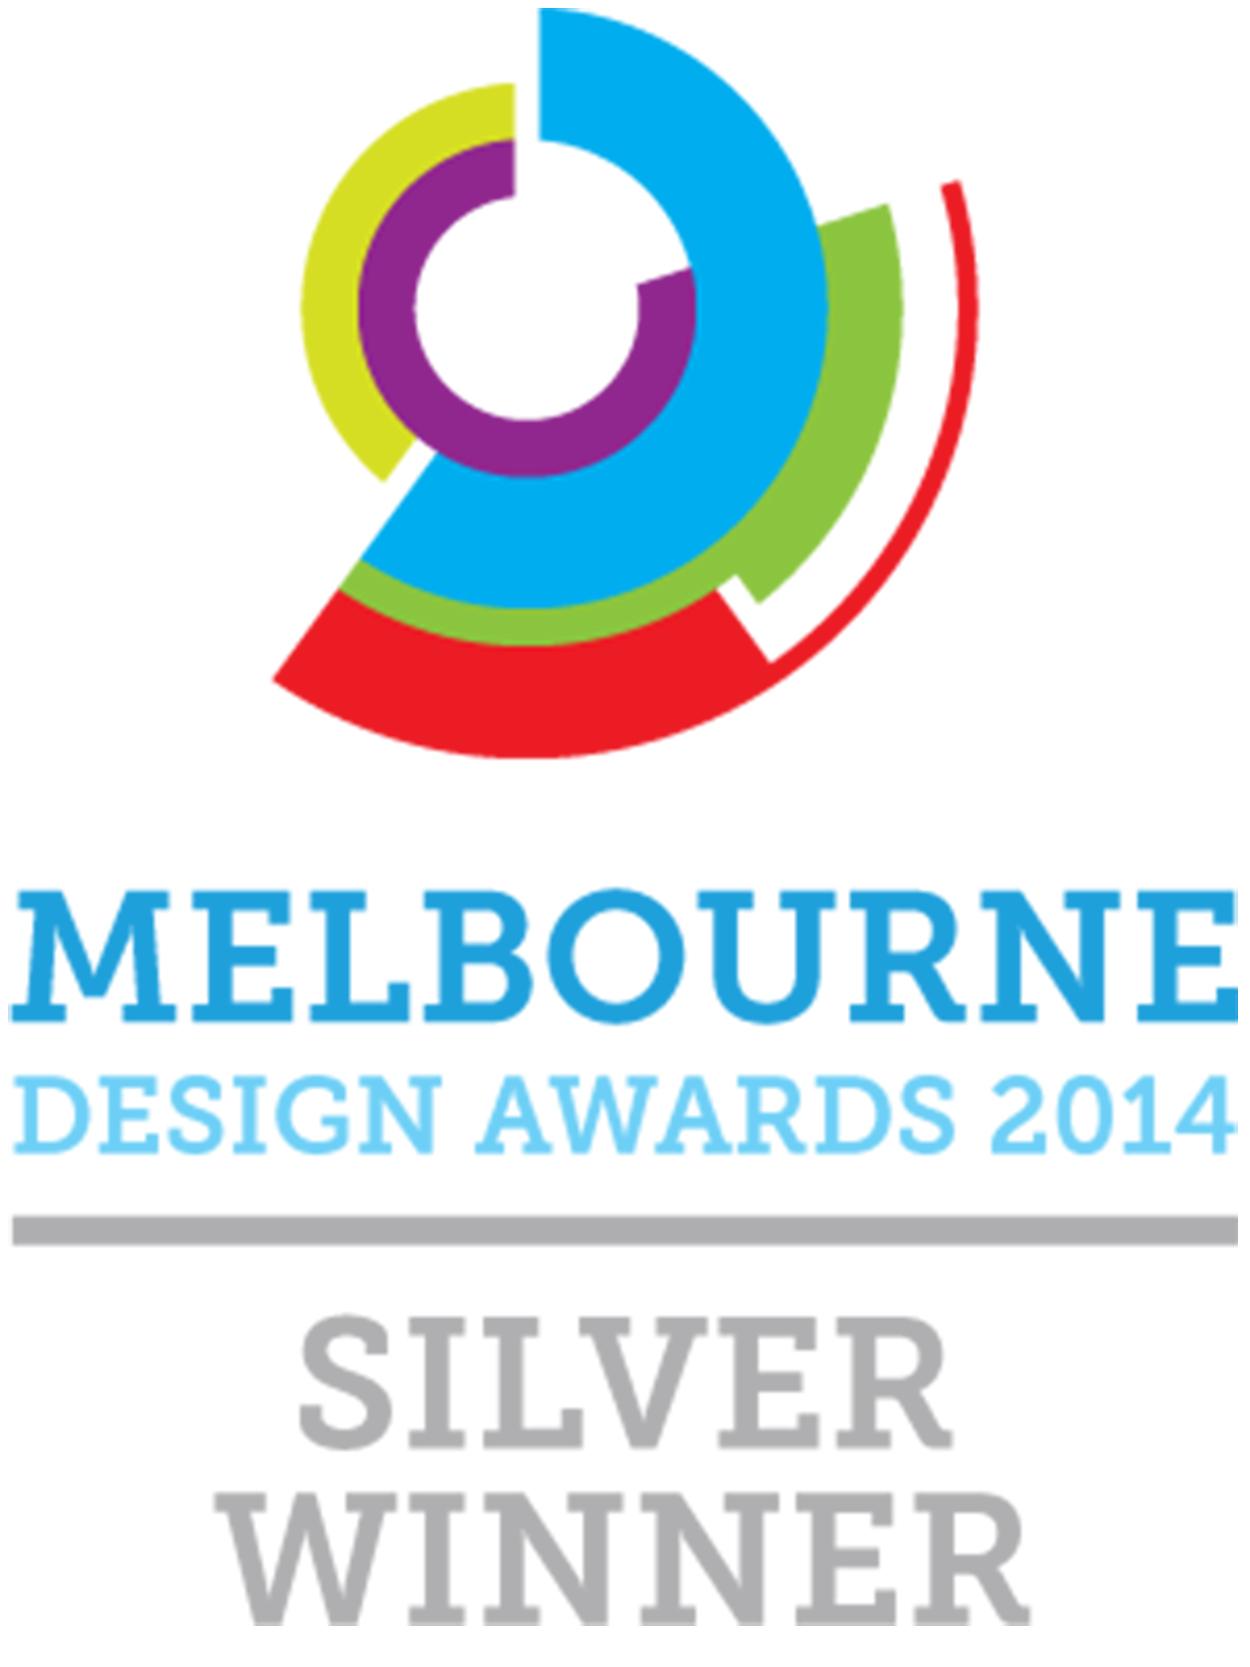 SILVER WINNER 2014 MELBOURNE DESIGN AWARDS, THURSDAY, OCTOBER 23rd, 2014.